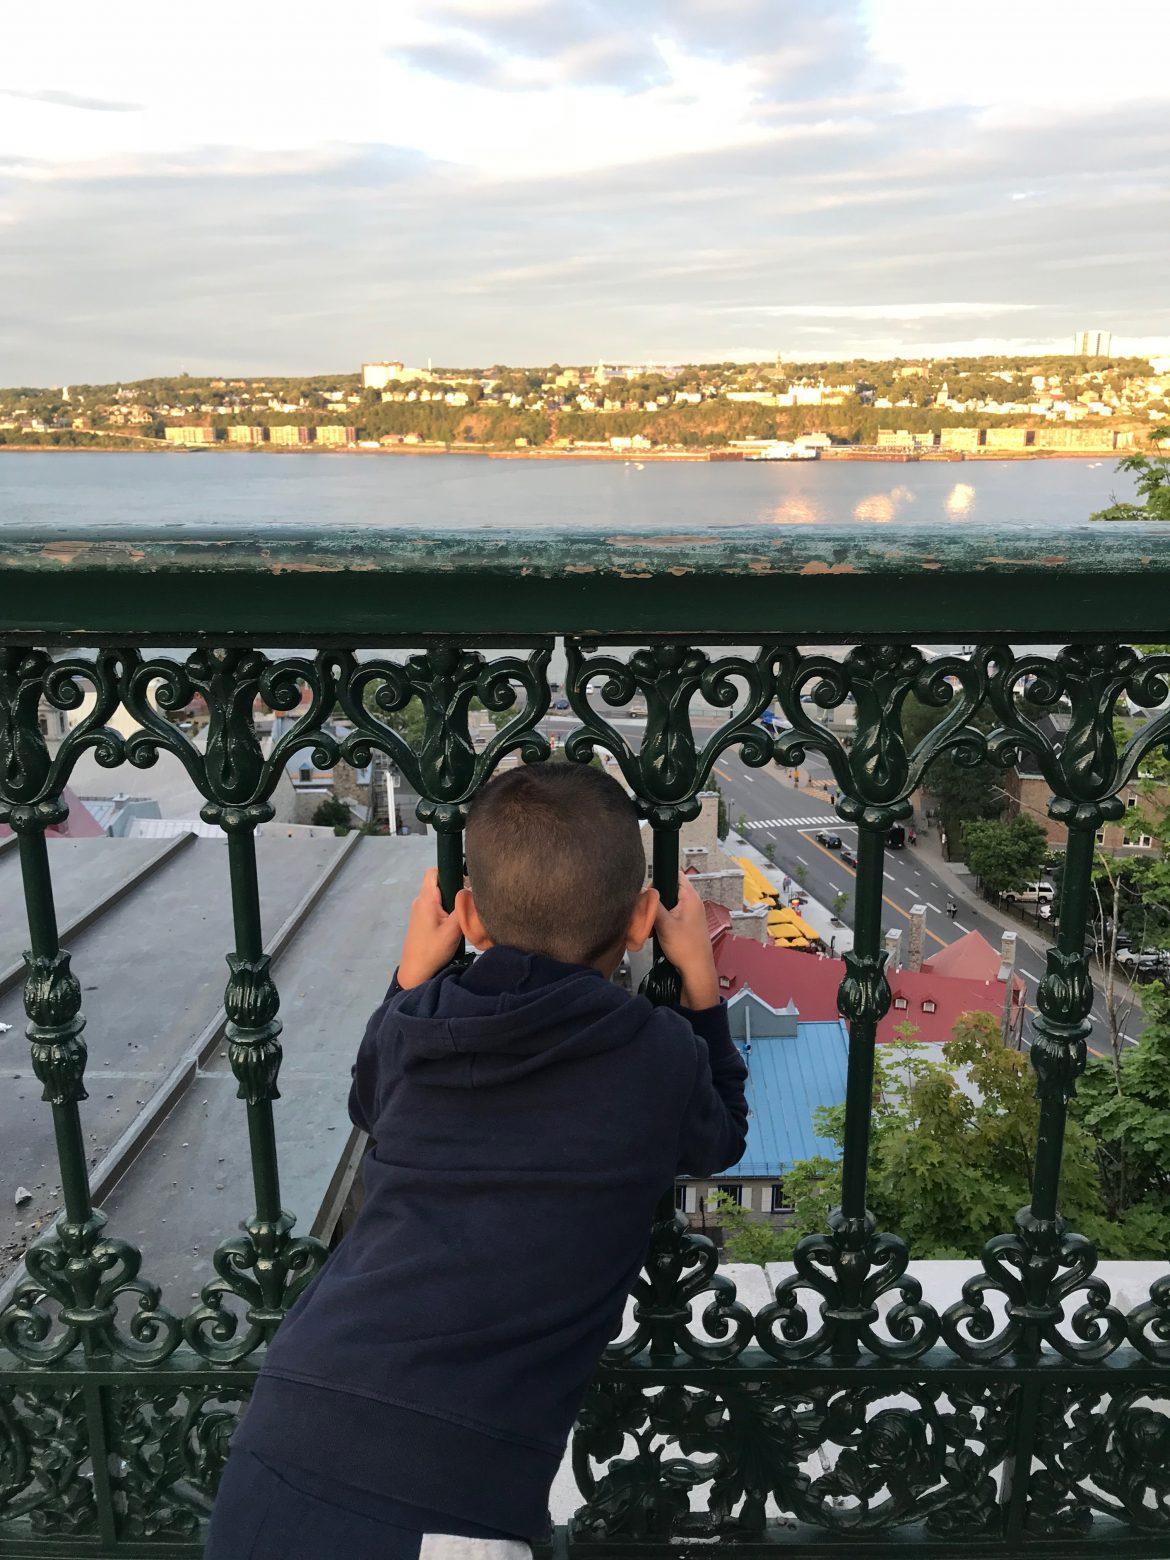 Bambini e Vacanze: come scegliere le destinazioni.